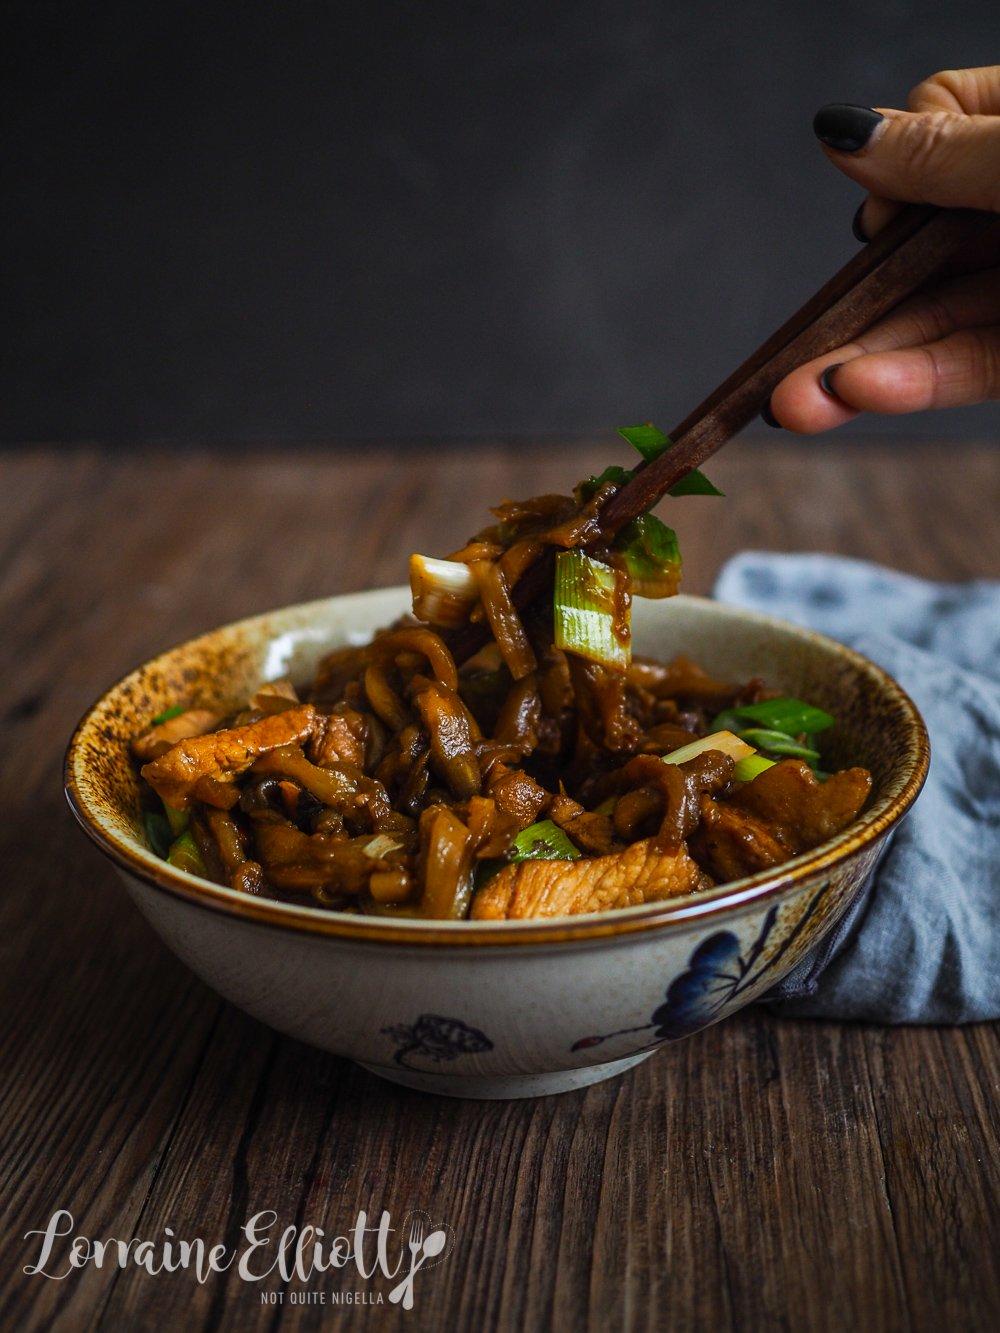 Eggplant Noodles Pasta